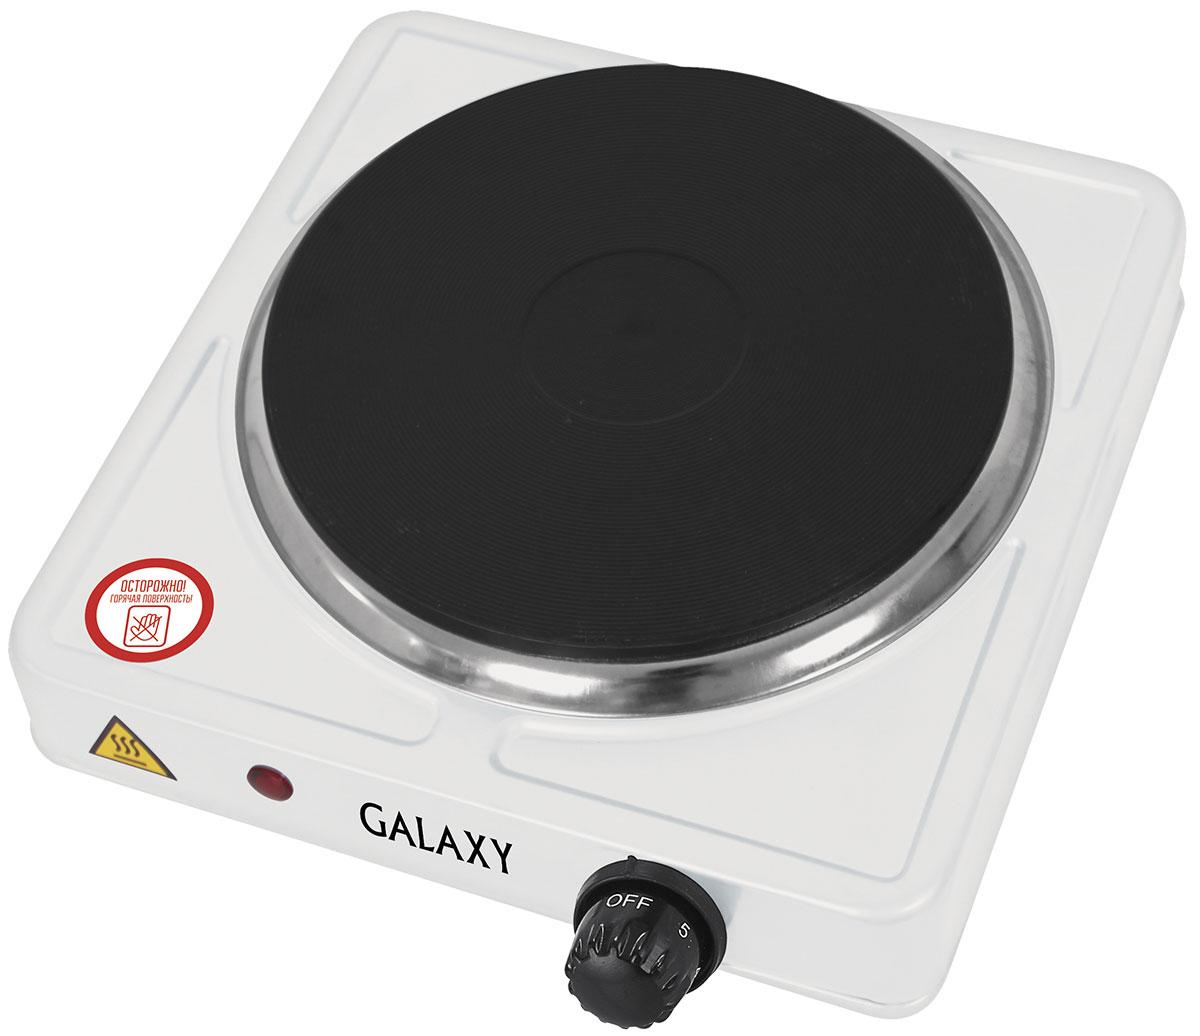 Galaxy GL 3001 плитка электрическая4630003364104Компактная электрическая плитка Galaxy GL 3001 просто незаменима, когда нет возможности установить полноценную стационарную плиту, например, в общежитии, на даче или любом другом помещении.Данная модель лёгкая и компактная, для нее всегда найдётся место. Она быстро нагревается и стабильно поддерживает заданную температуру, экономно расходует электроэнергию.Нагревательный элемент в плитке закрыт конфоркой-диском, в результате чего он не имеет прямого контакта с посудой или случайно попавшей пищей. Это значительно продлевает срок службы плитки. Помимо этого, диск легче очищается от загрязнений, в отличие от спирали, имеющей сложную форму.Диаметр нагревательного элемента: 185 ммДлина шнура питания: 0,8 мМеталлический корпус, покрытый молотковой эмальюПлавная регулировка температуры нагрева.